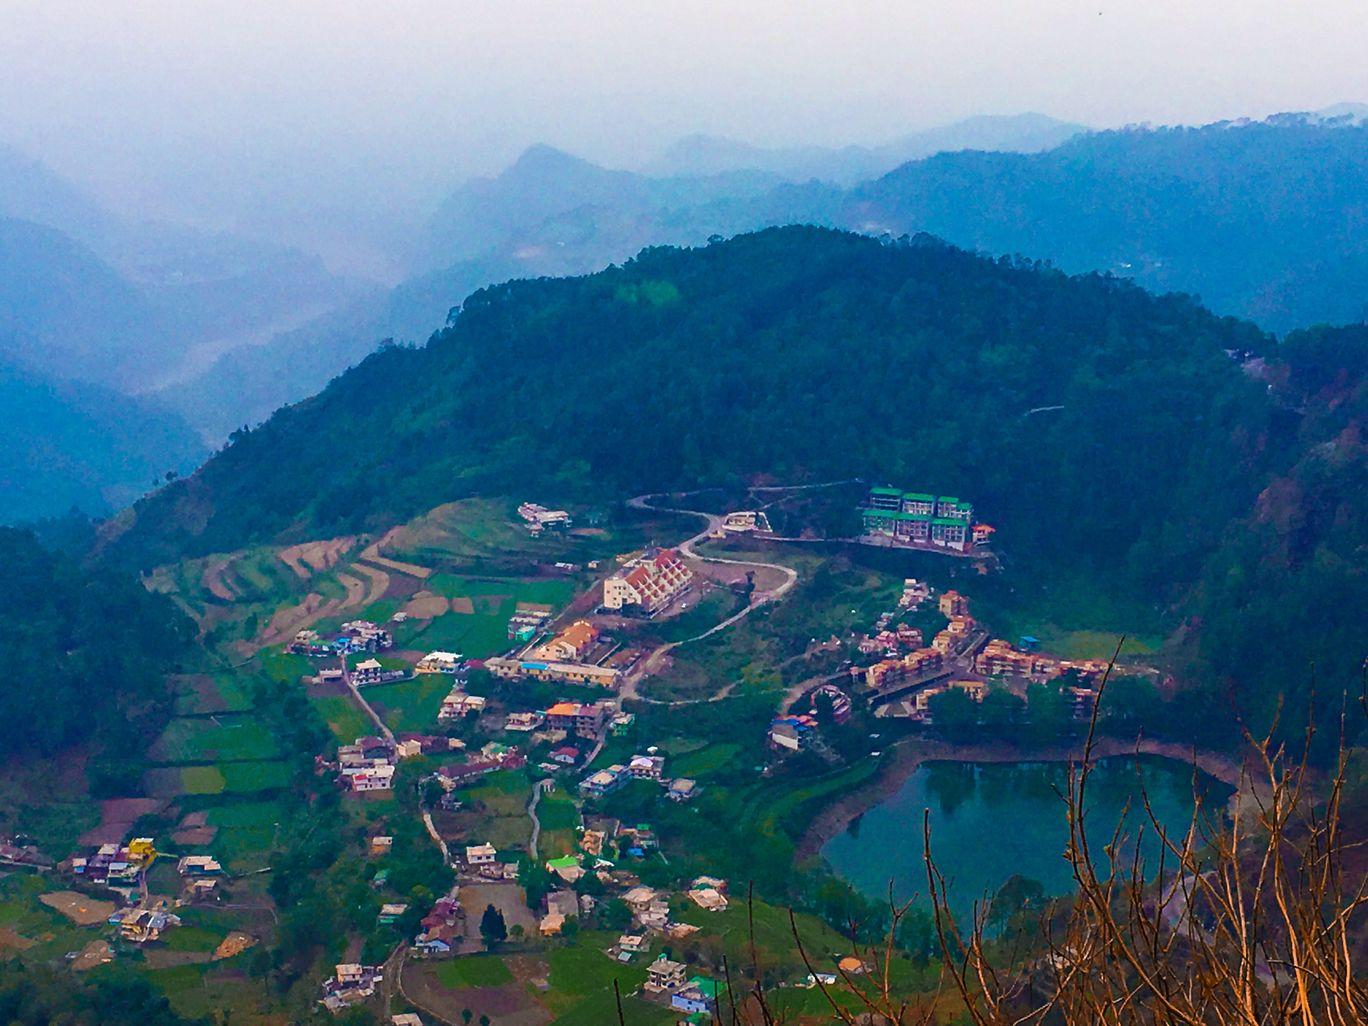 Photo of Khurpatal By N Kunjwal